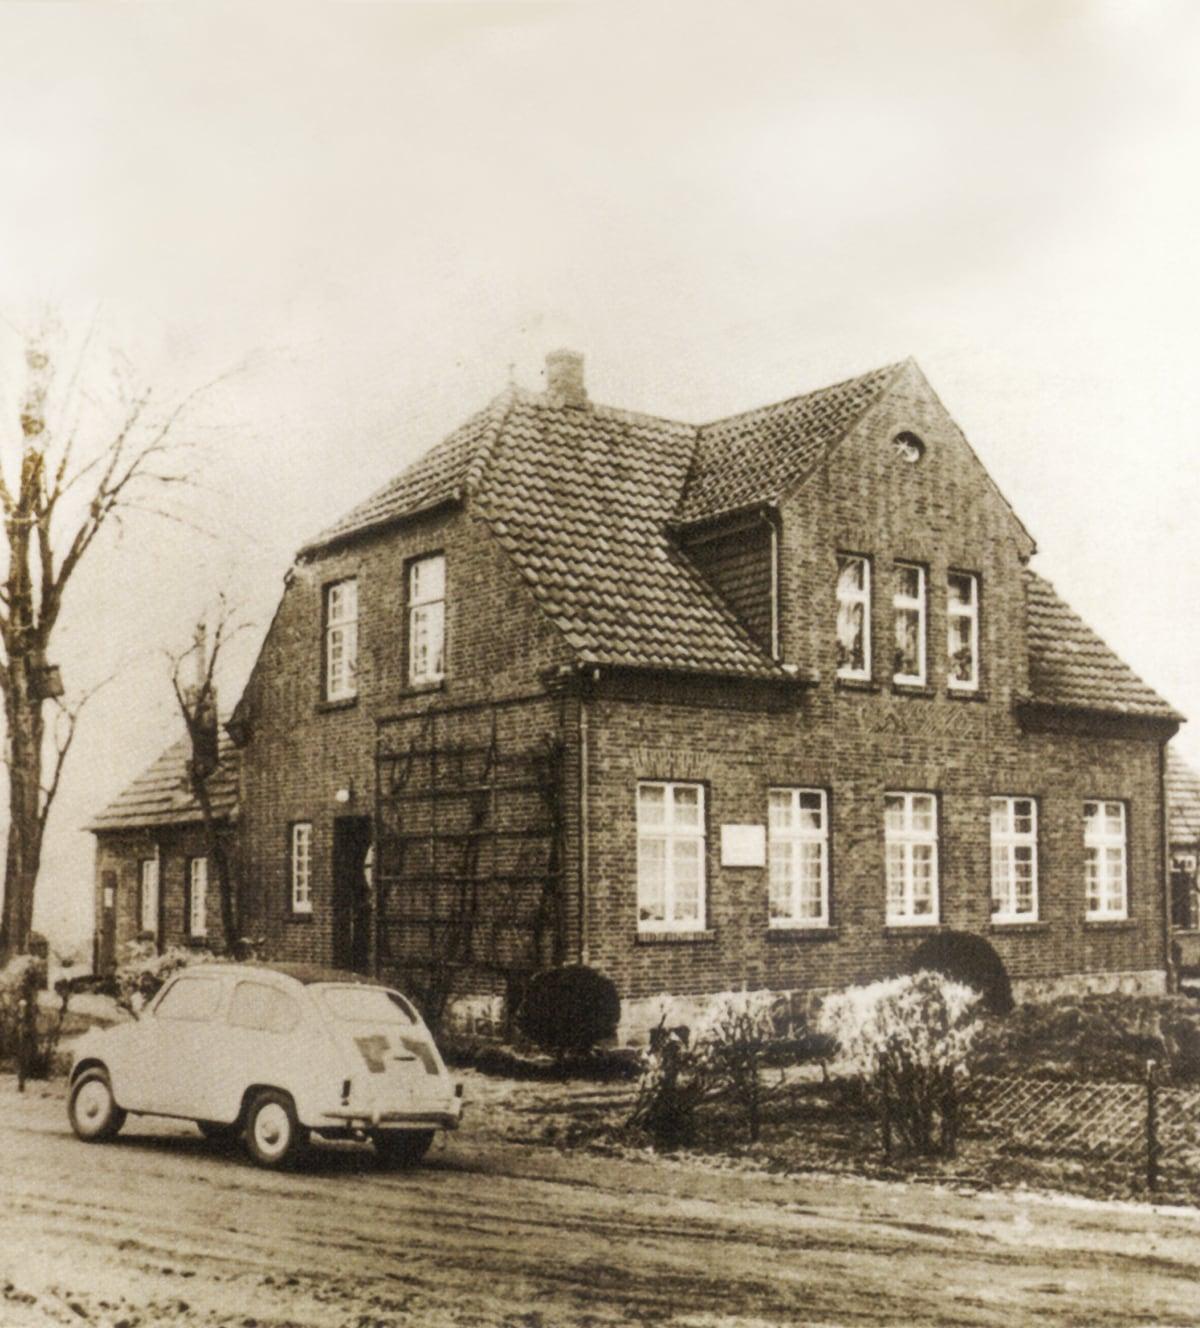 Steuerberatungsbüro Knollenborg in Lingen im Jahr 1930